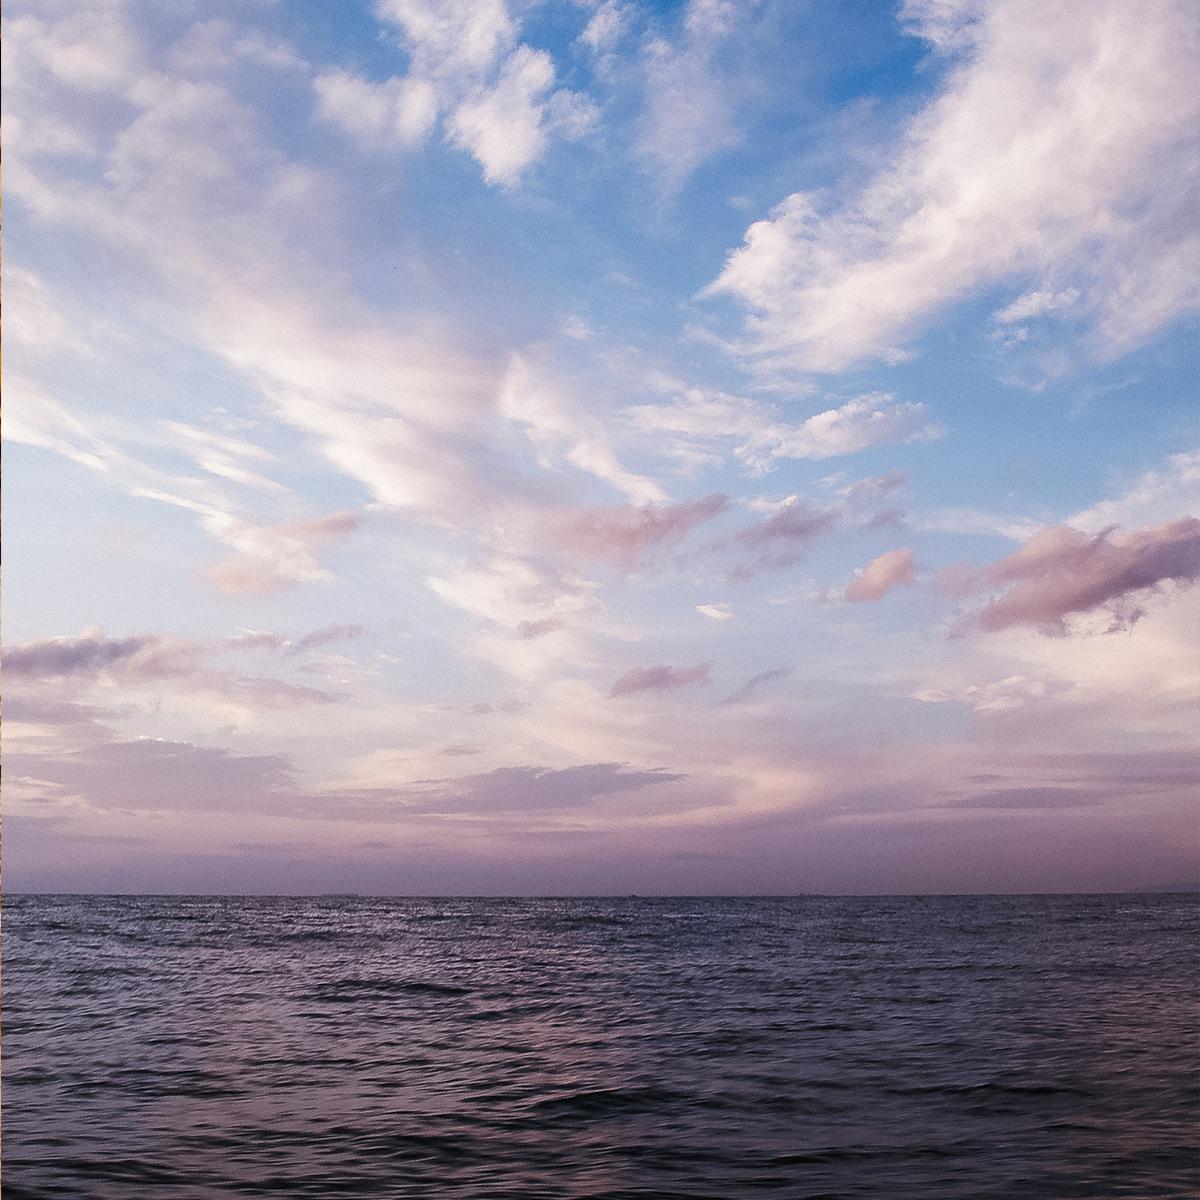 Ocean Escape © Shannon Thibodeau